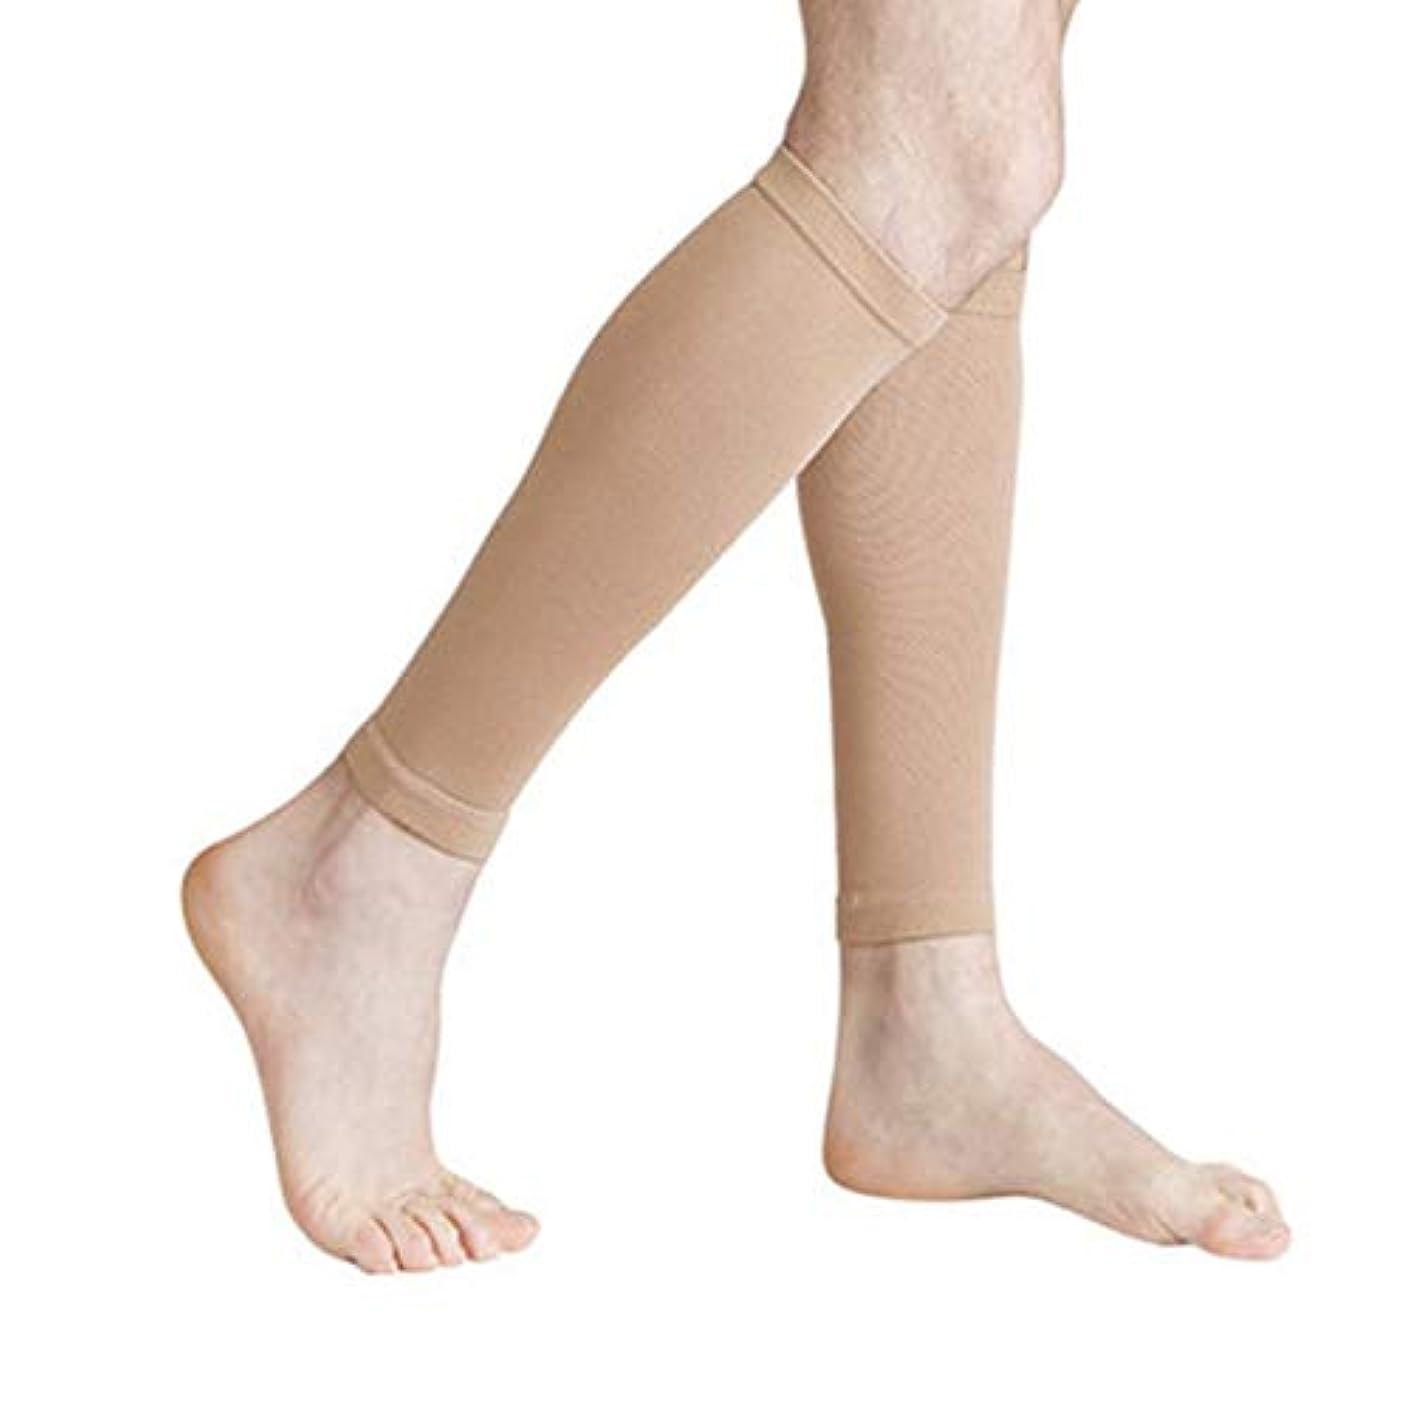 ネックレストリップ現在丈夫な男性女性プロの圧縮靴下通気性のある旅行活動看護師用シントスプリントフライトトラベル - 肌色